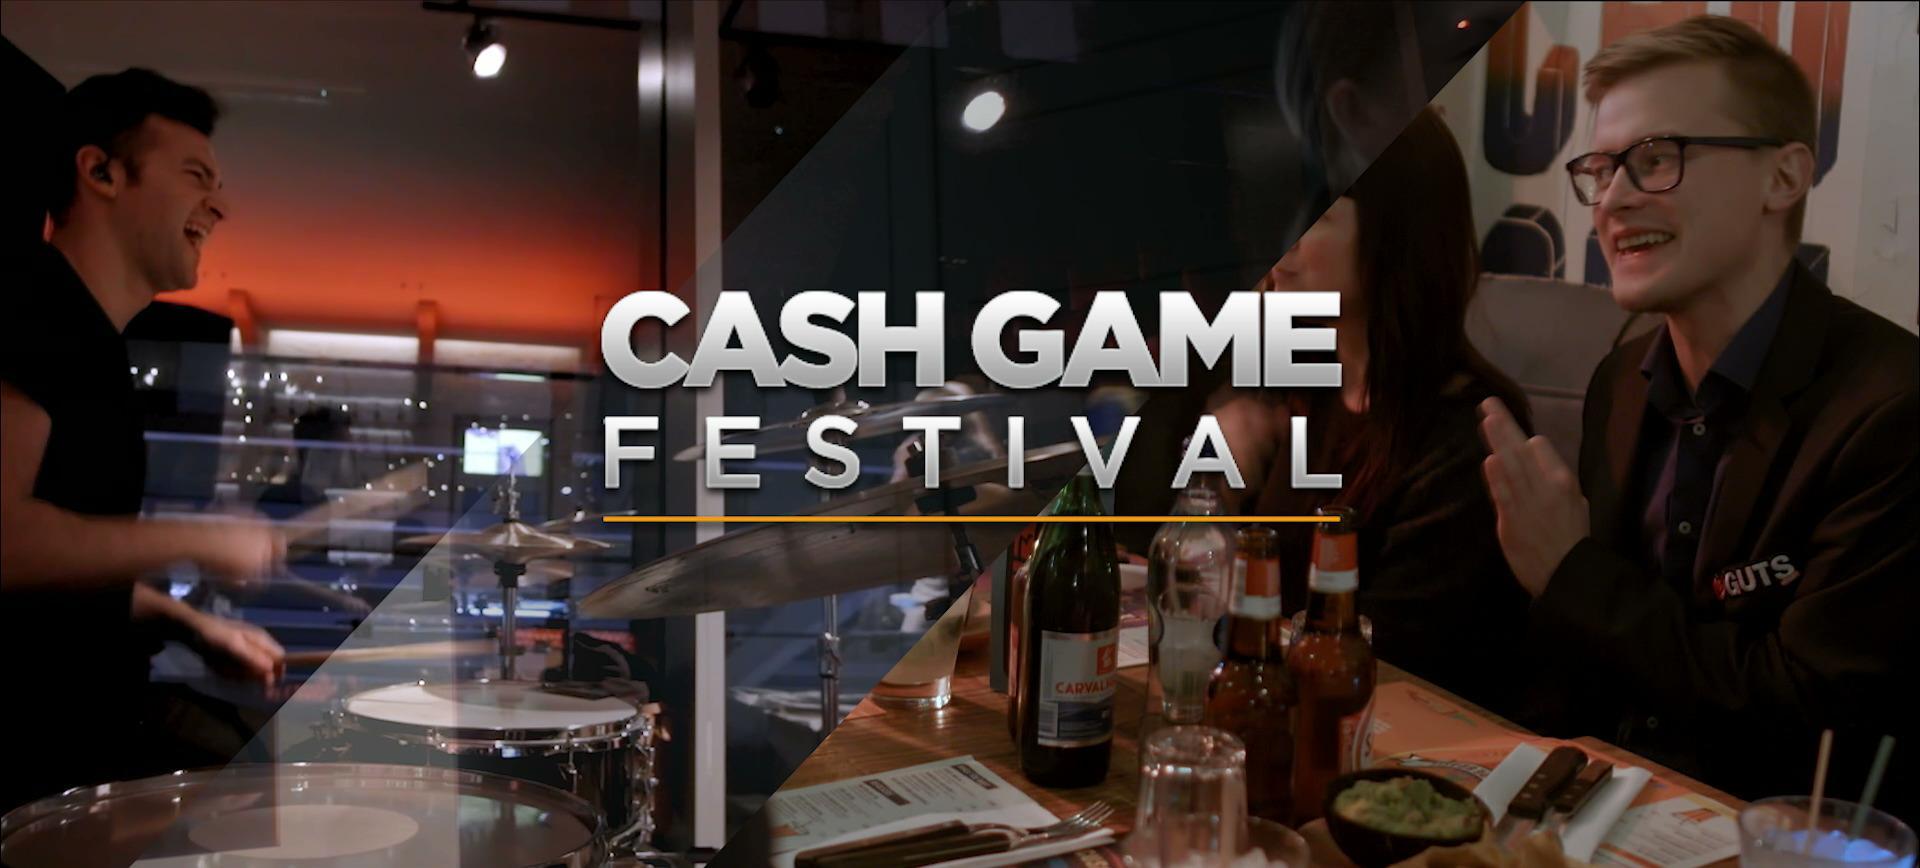 Cash Game Festival - London 2016 Announcement